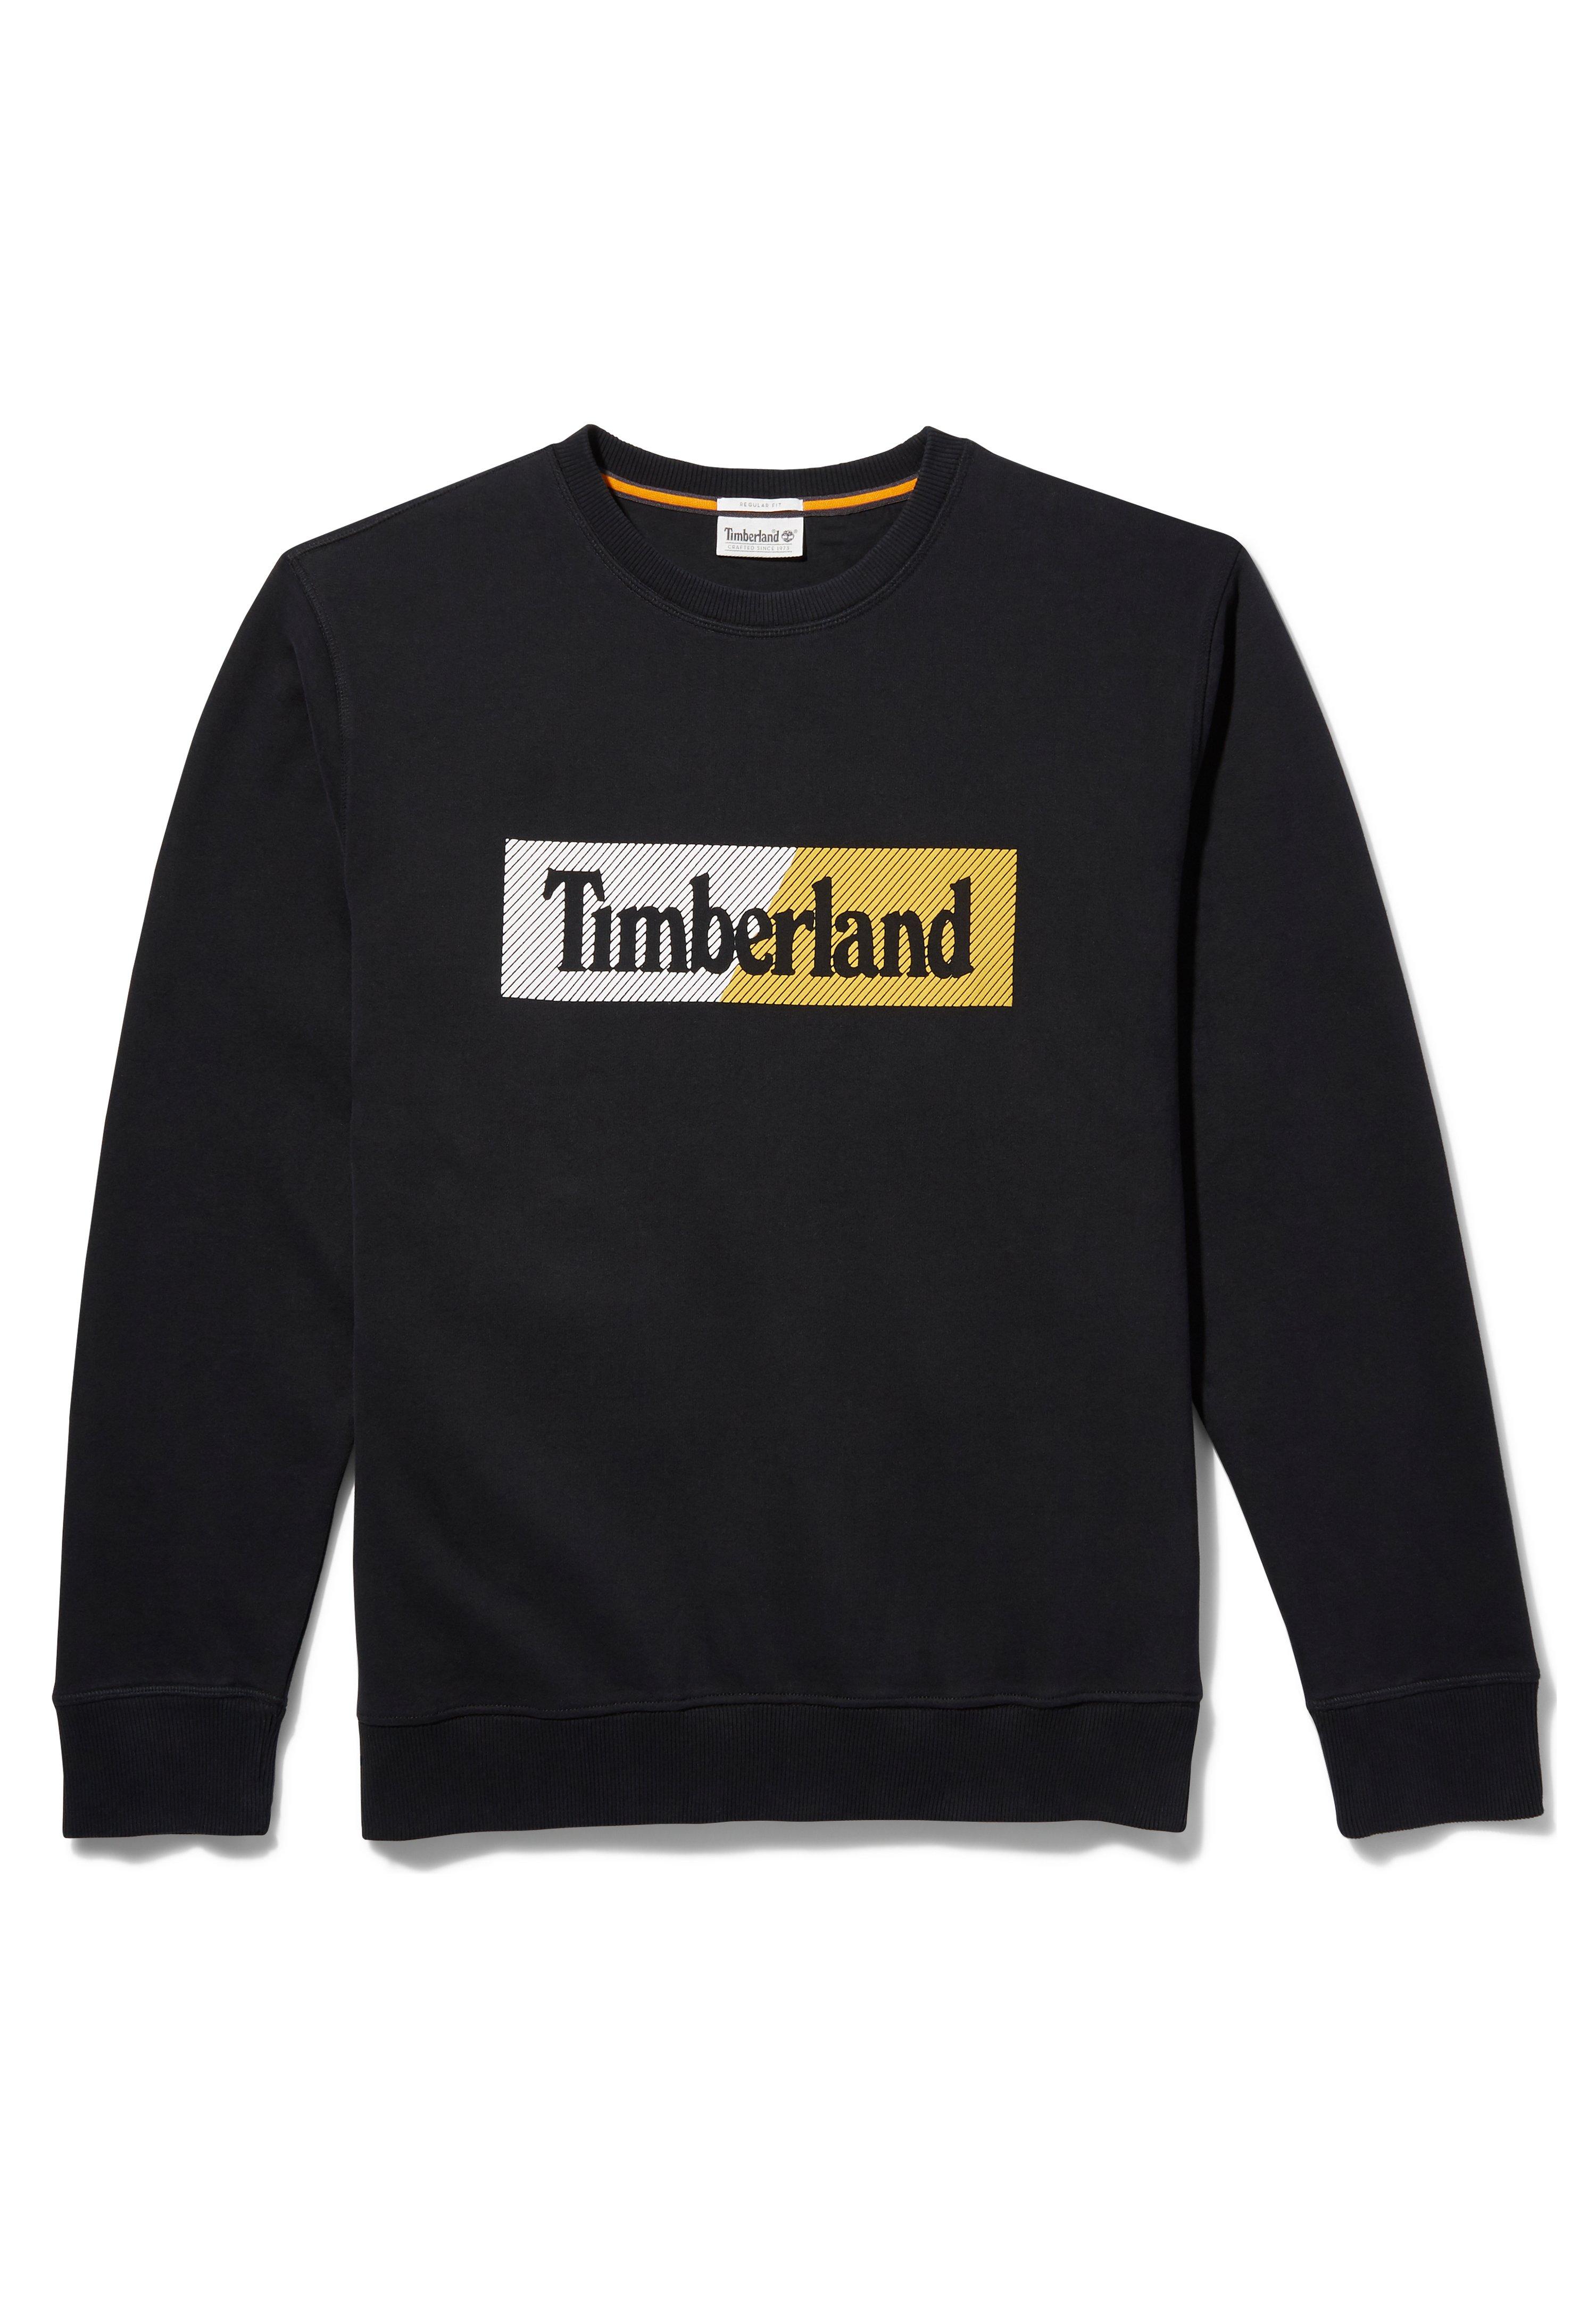 Timberland Online Shop | Timberland online bestellen bei Zalando